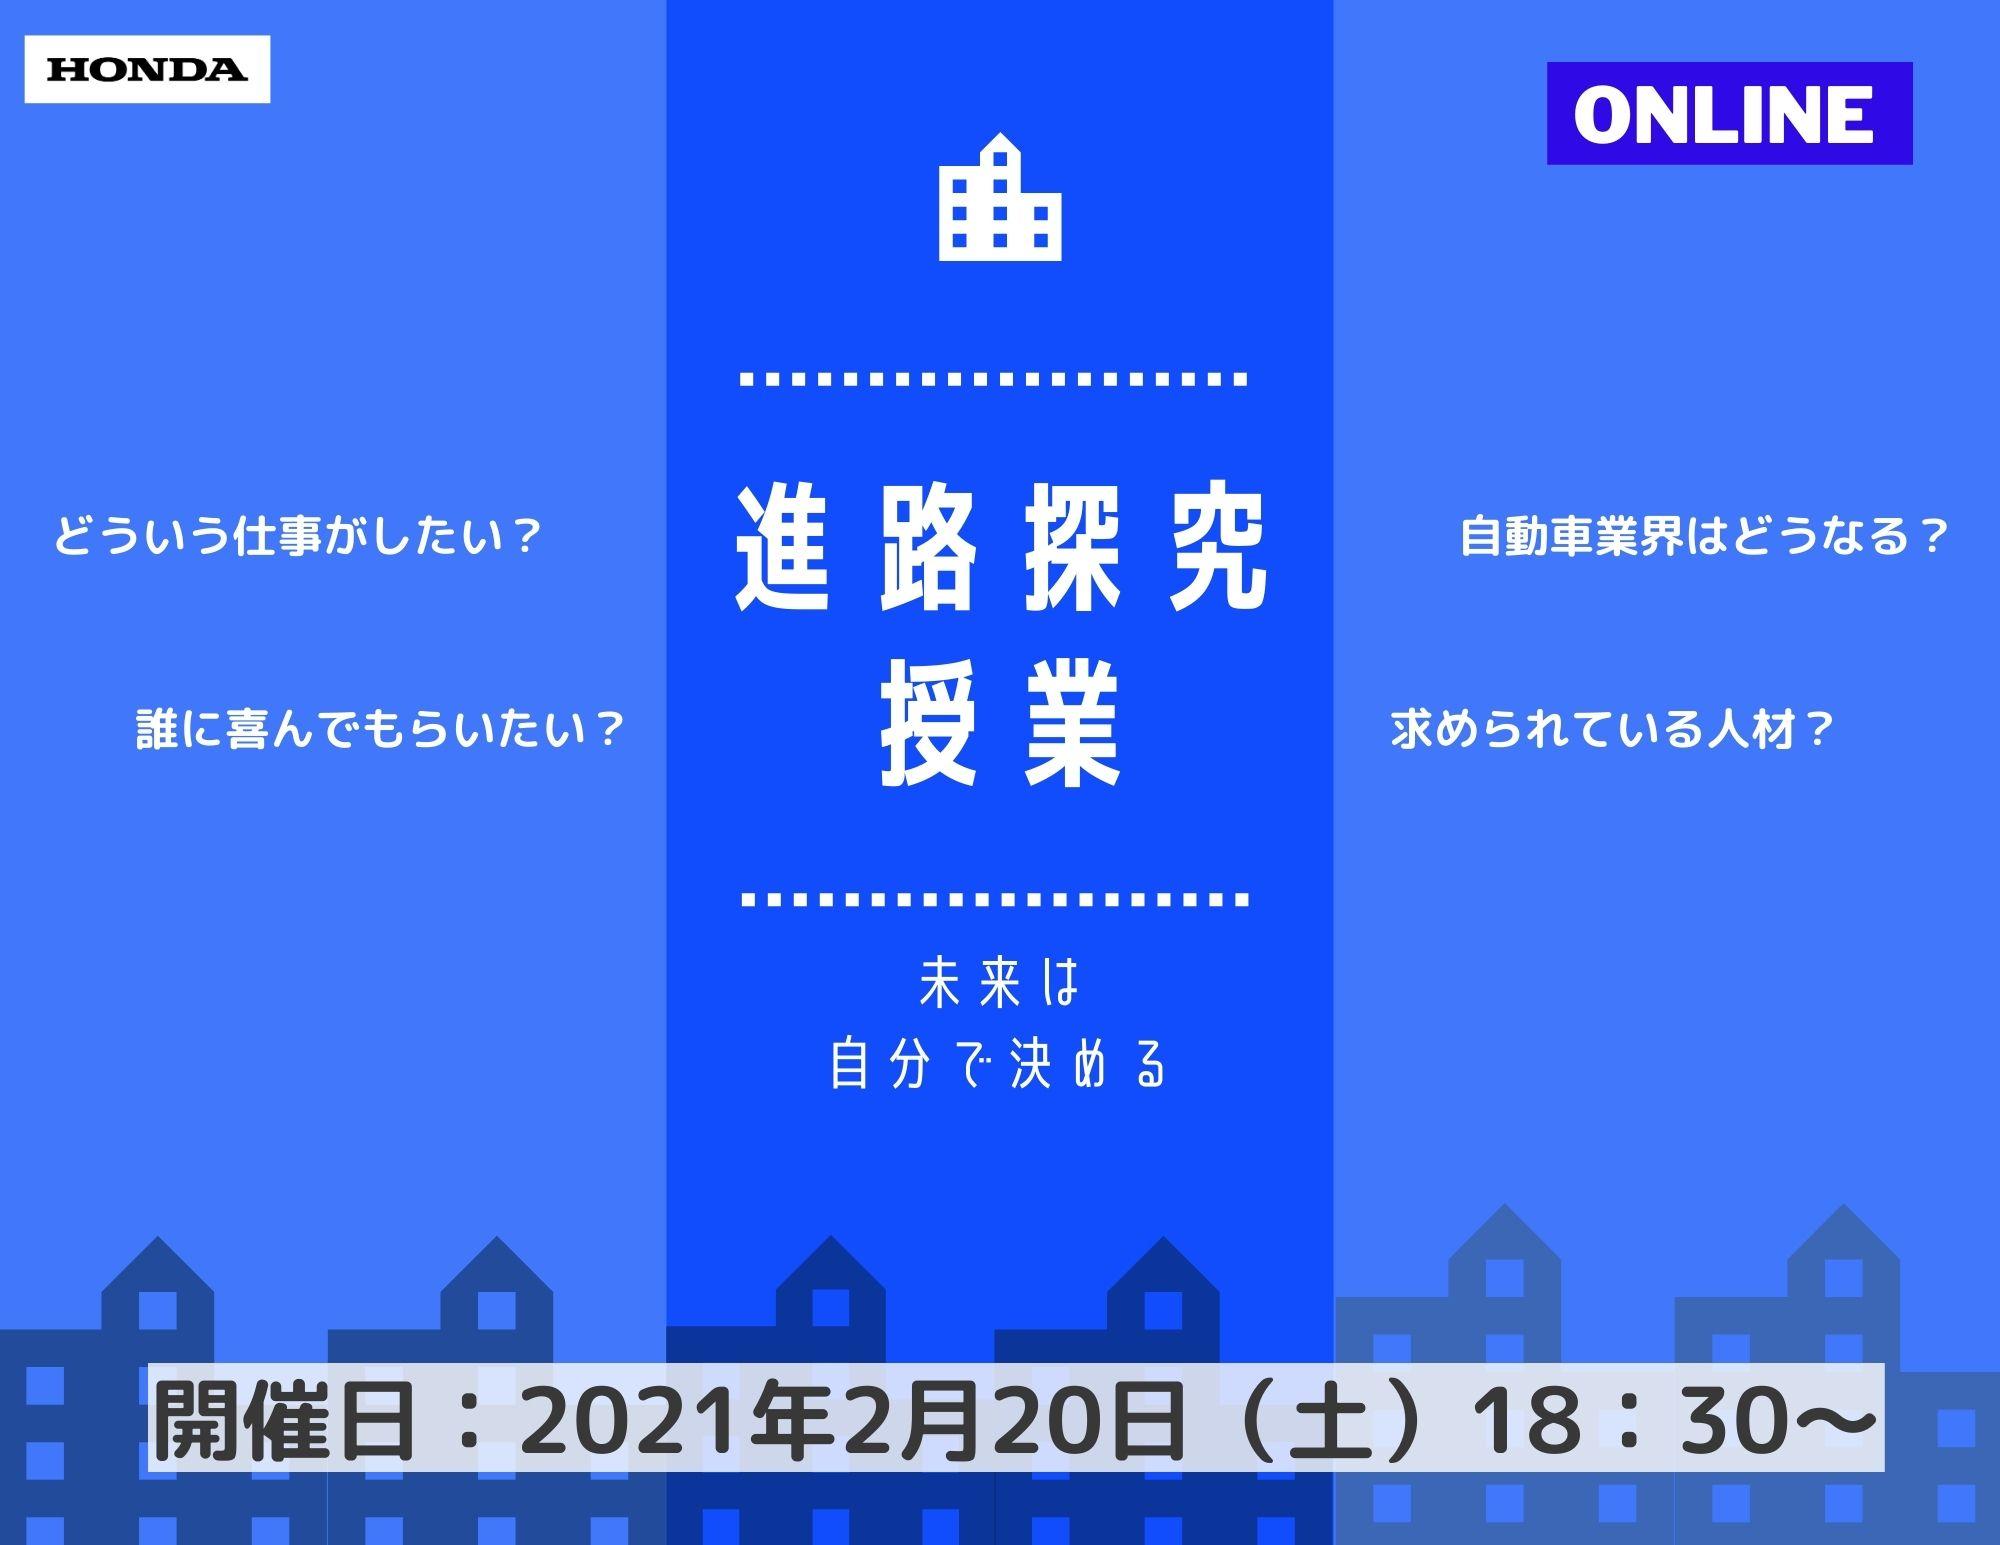 【オンライン進路探究授業】自動車業界のお仕事について!